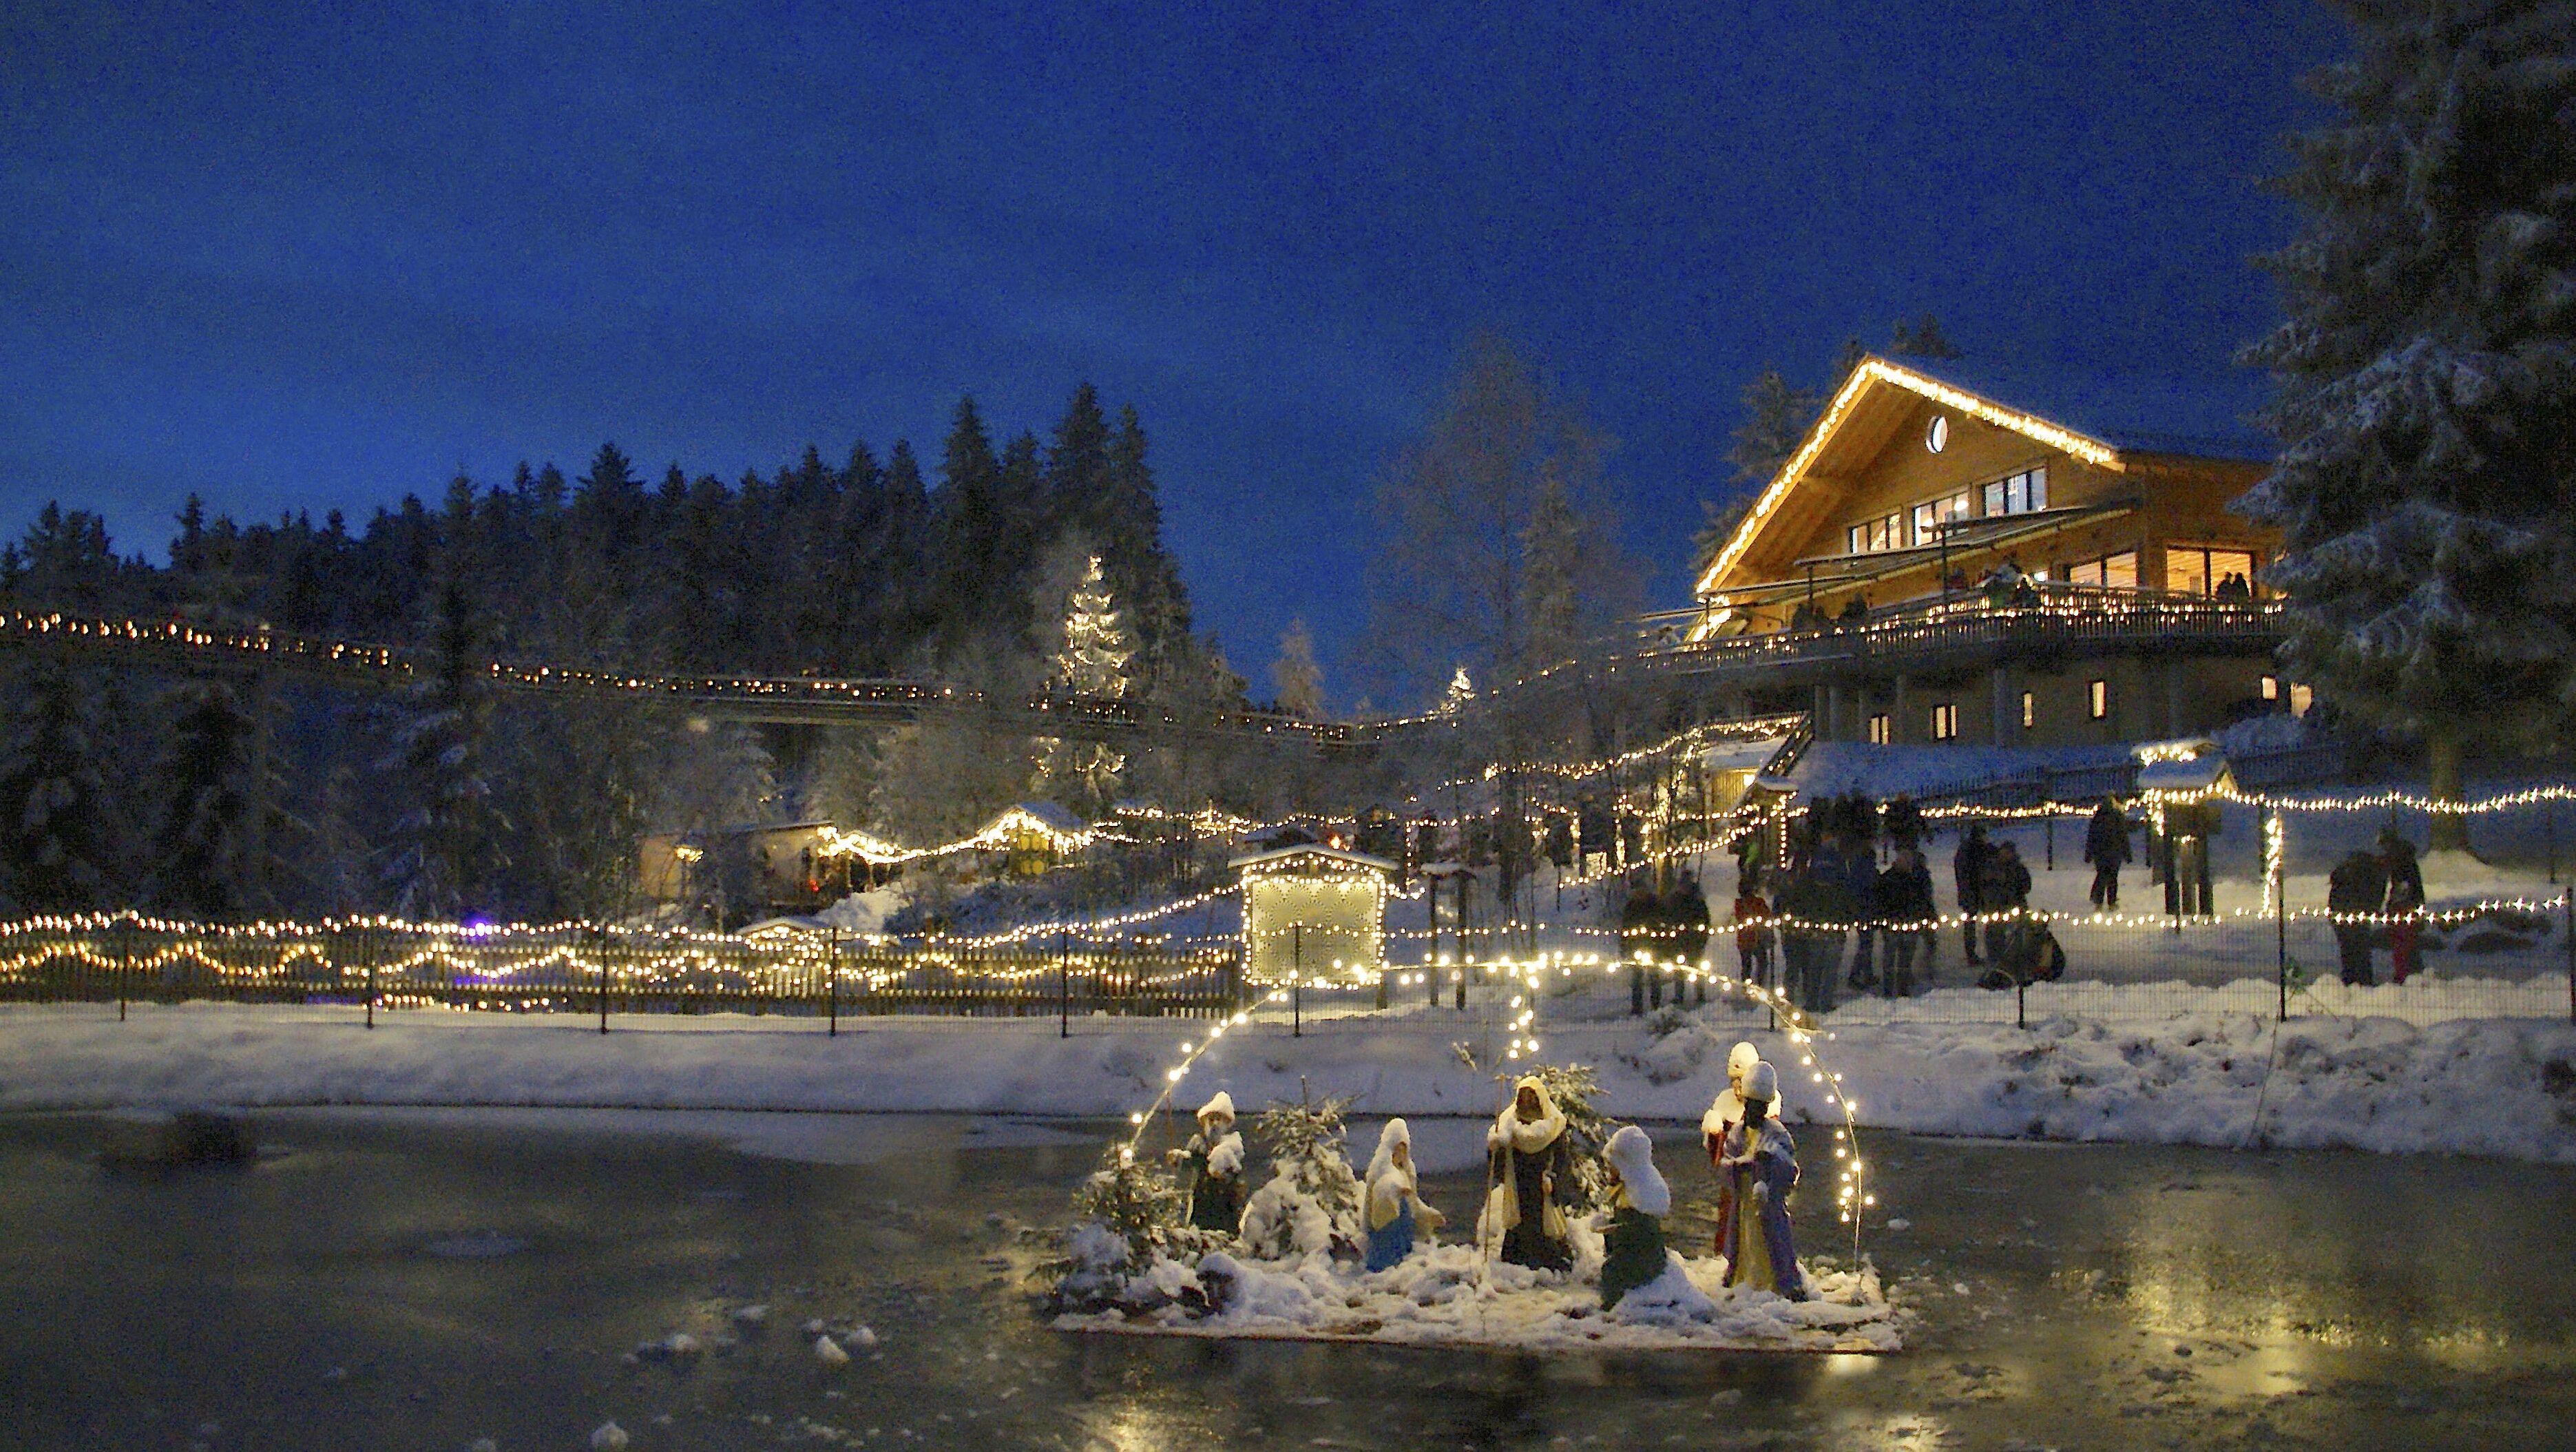 Bezaubernde Stimmung beim Weihnachtsmarkt am Waldwipfelweg